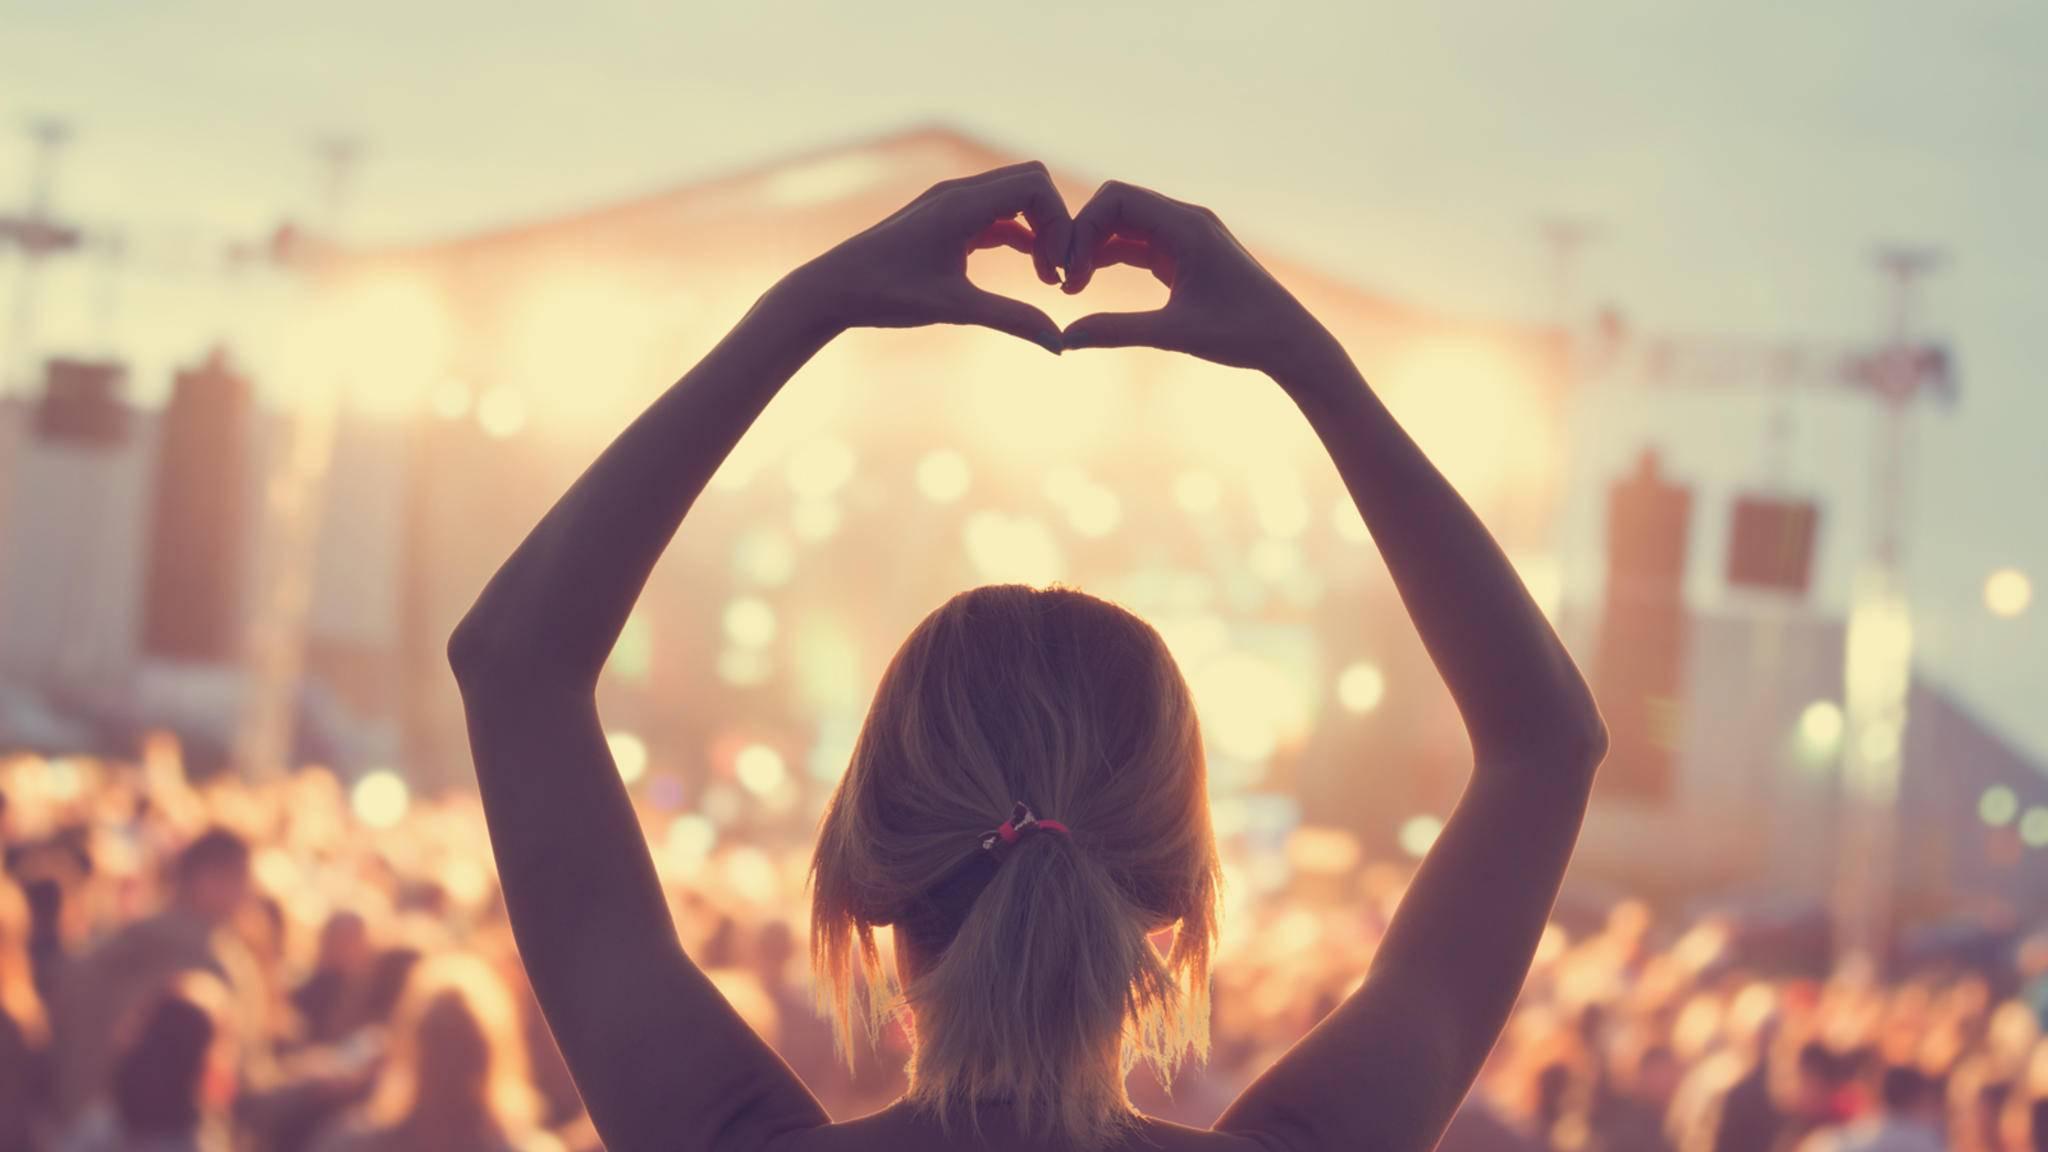 Love is in the Air! Dank Tinder geht's auf Festivals bald noch heißer her.